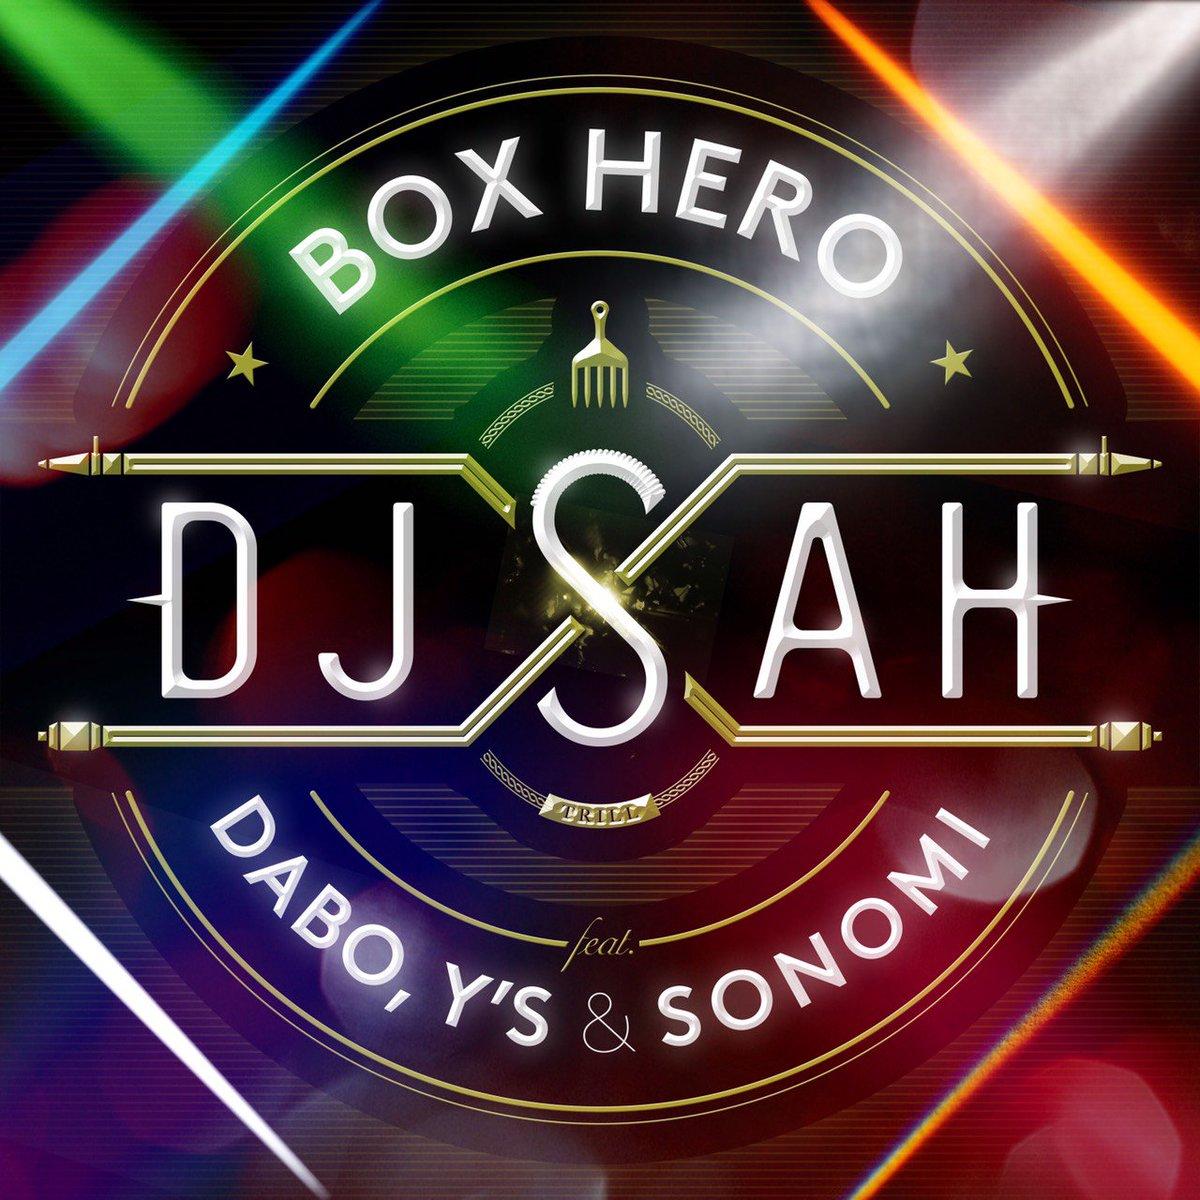 """5.20(金)にHARLEM RECORDINGSから自分名義の音源をリリースします! DJ SAH ft. DABO,Y'S & SONOMI """"BOX HERO"""" Produced by DJ WATARAI #BOXHERO https://t.co/4pu3Lhj7HK"""